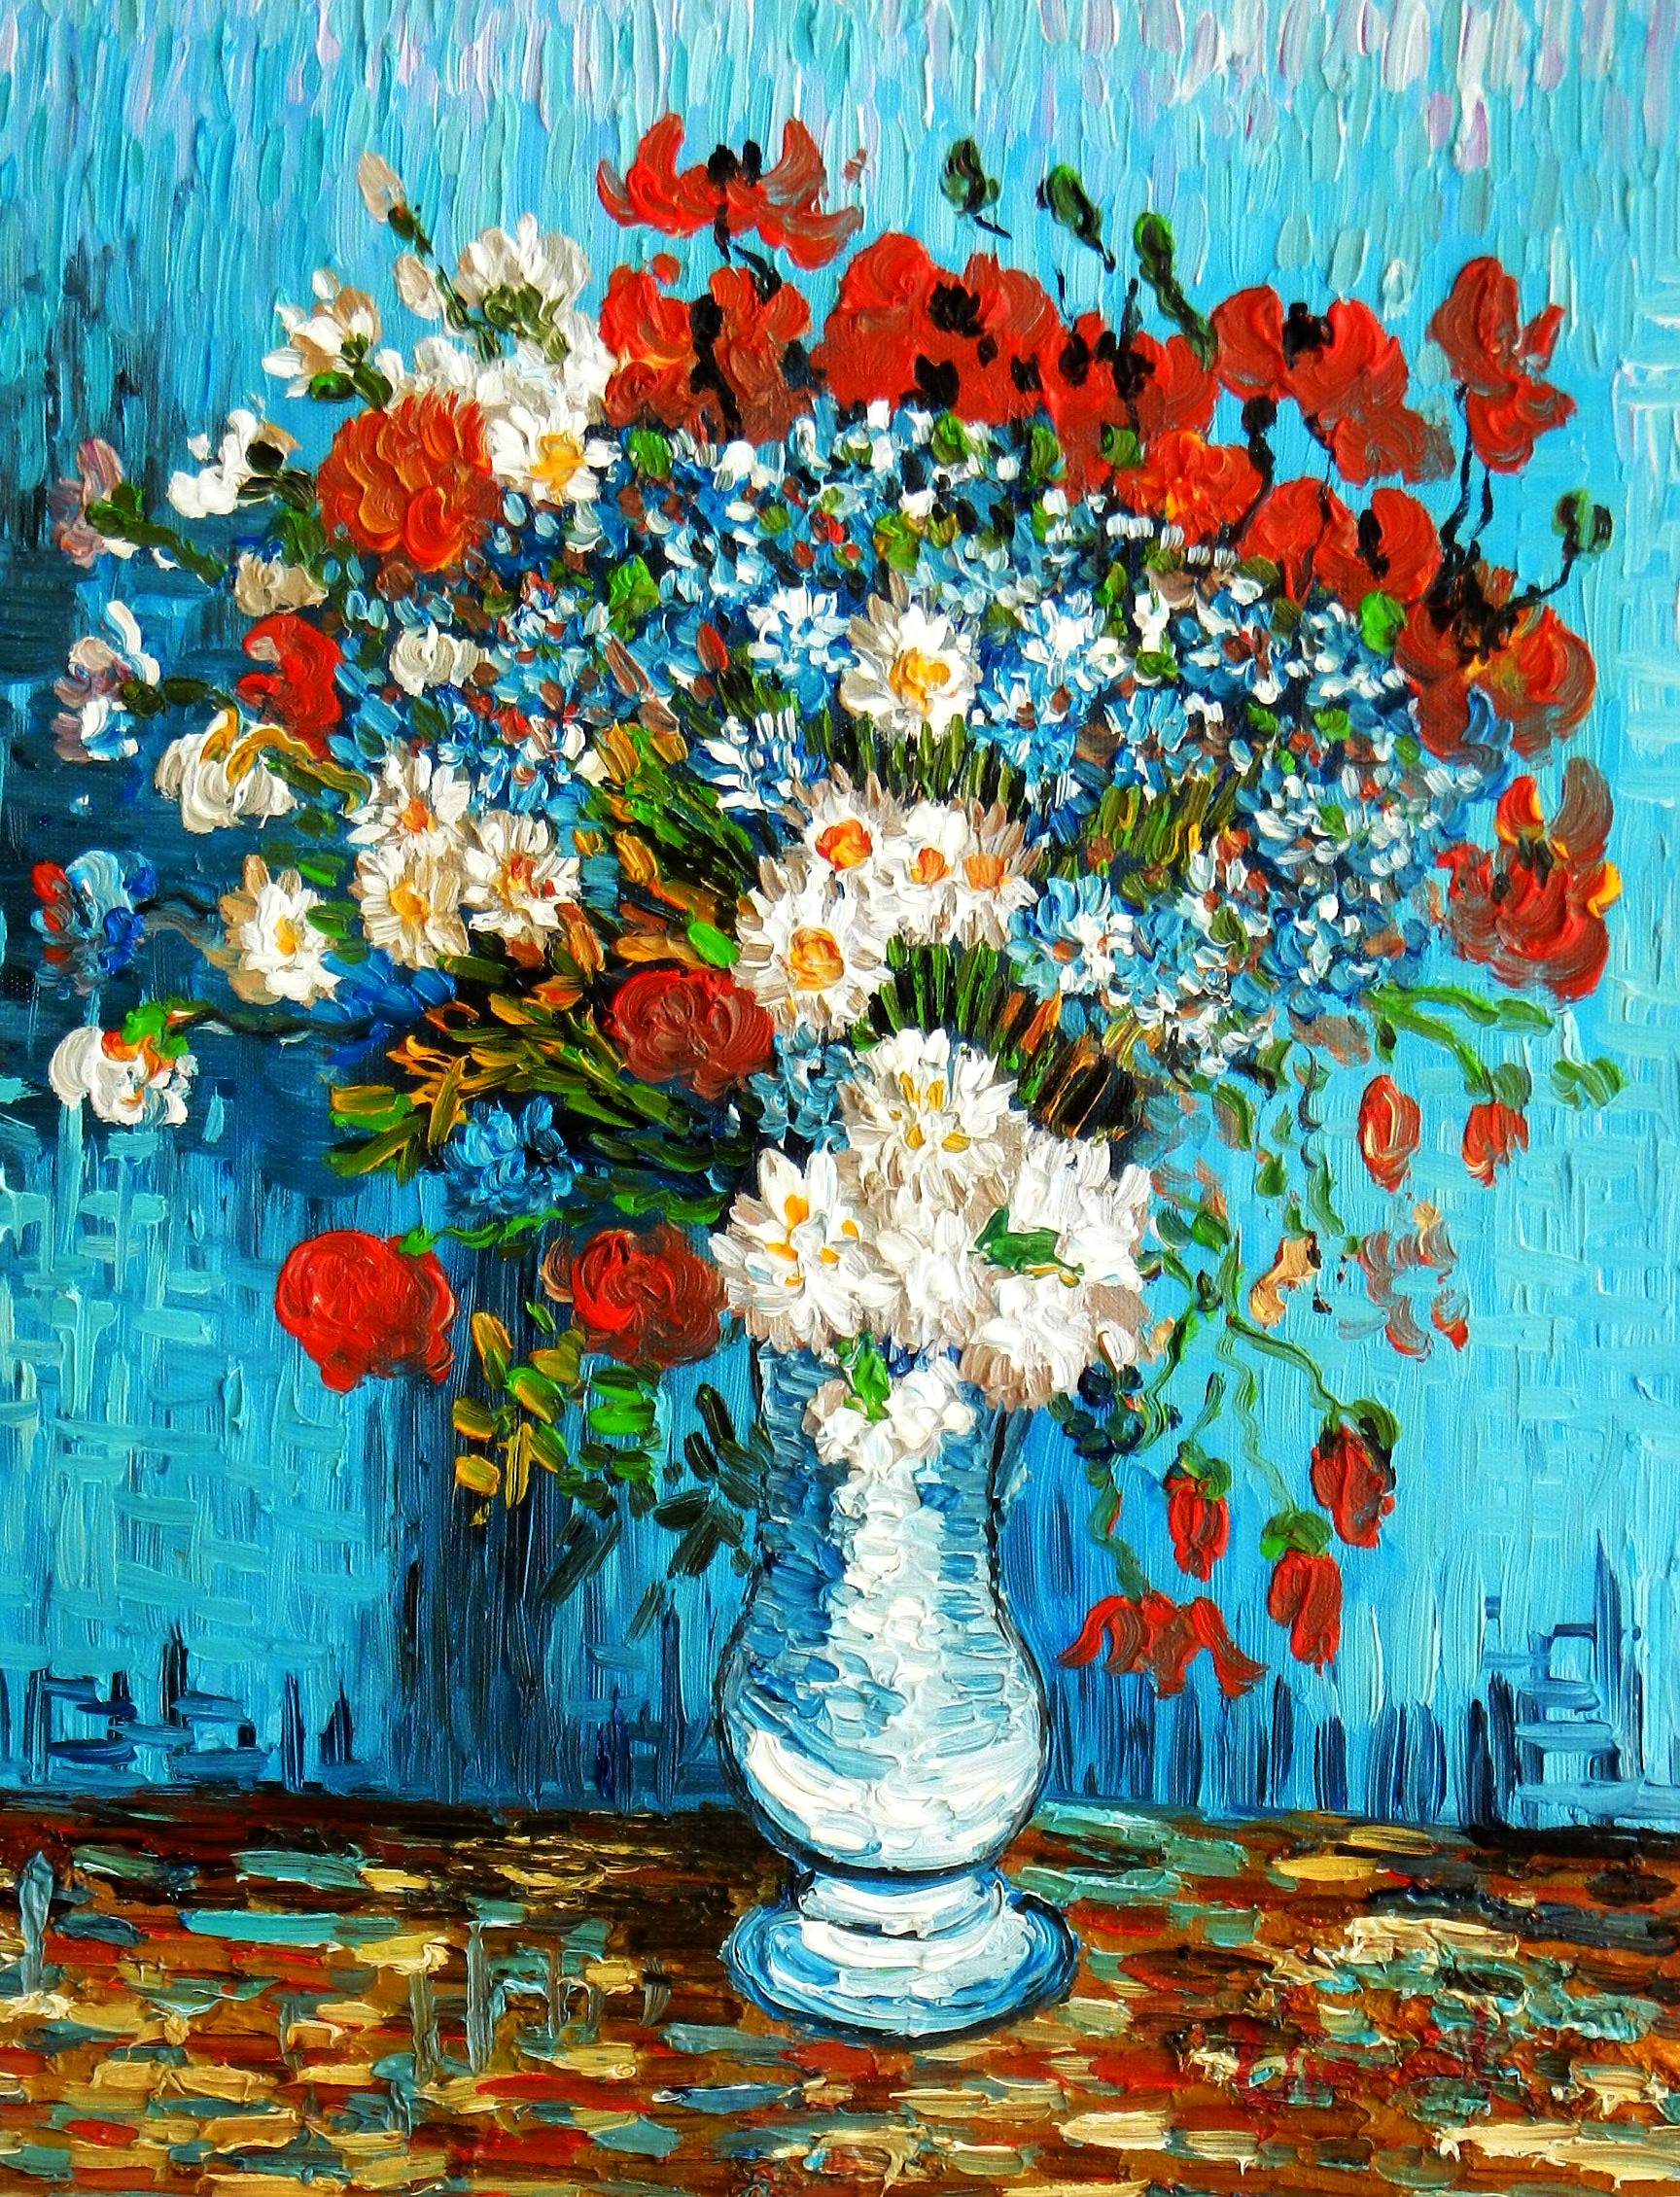 Vincent van Gogh - Vase mit Kornblumen und Mohnblumen a94788 30x40cm Ölbild handgemalt